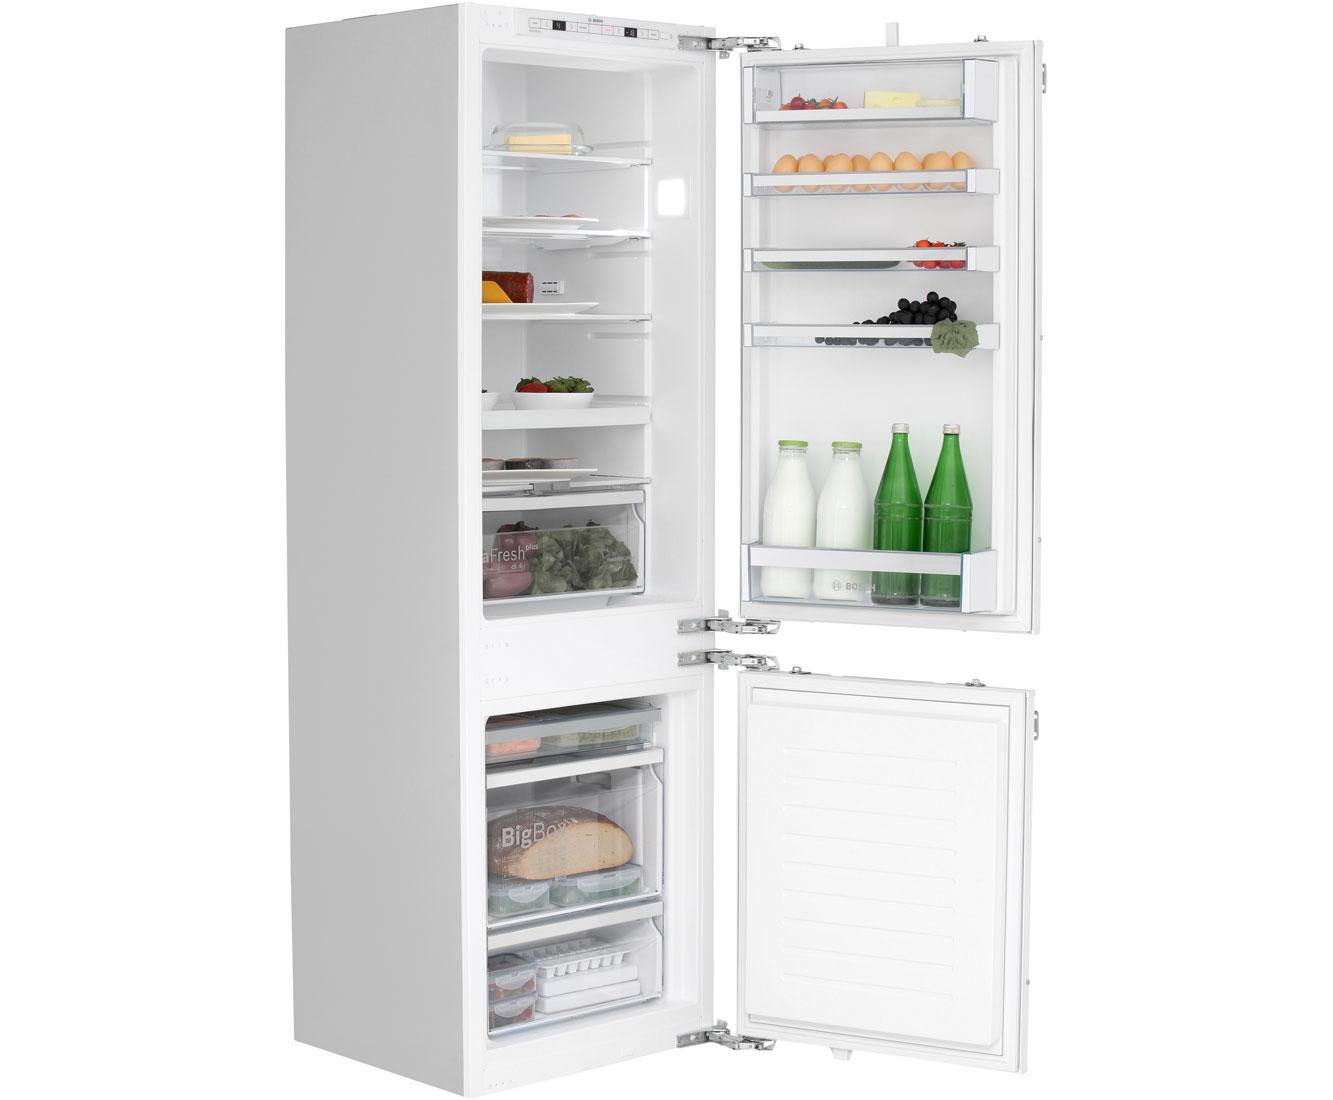 Bosch Serie 6 KIS86AF30 Kühl-Gefrierkombinationen - Weiss | Küche und Esszimmer > Küchenelektrogeräte > Kühl-Gefrierkombis | Weiss | Bosch